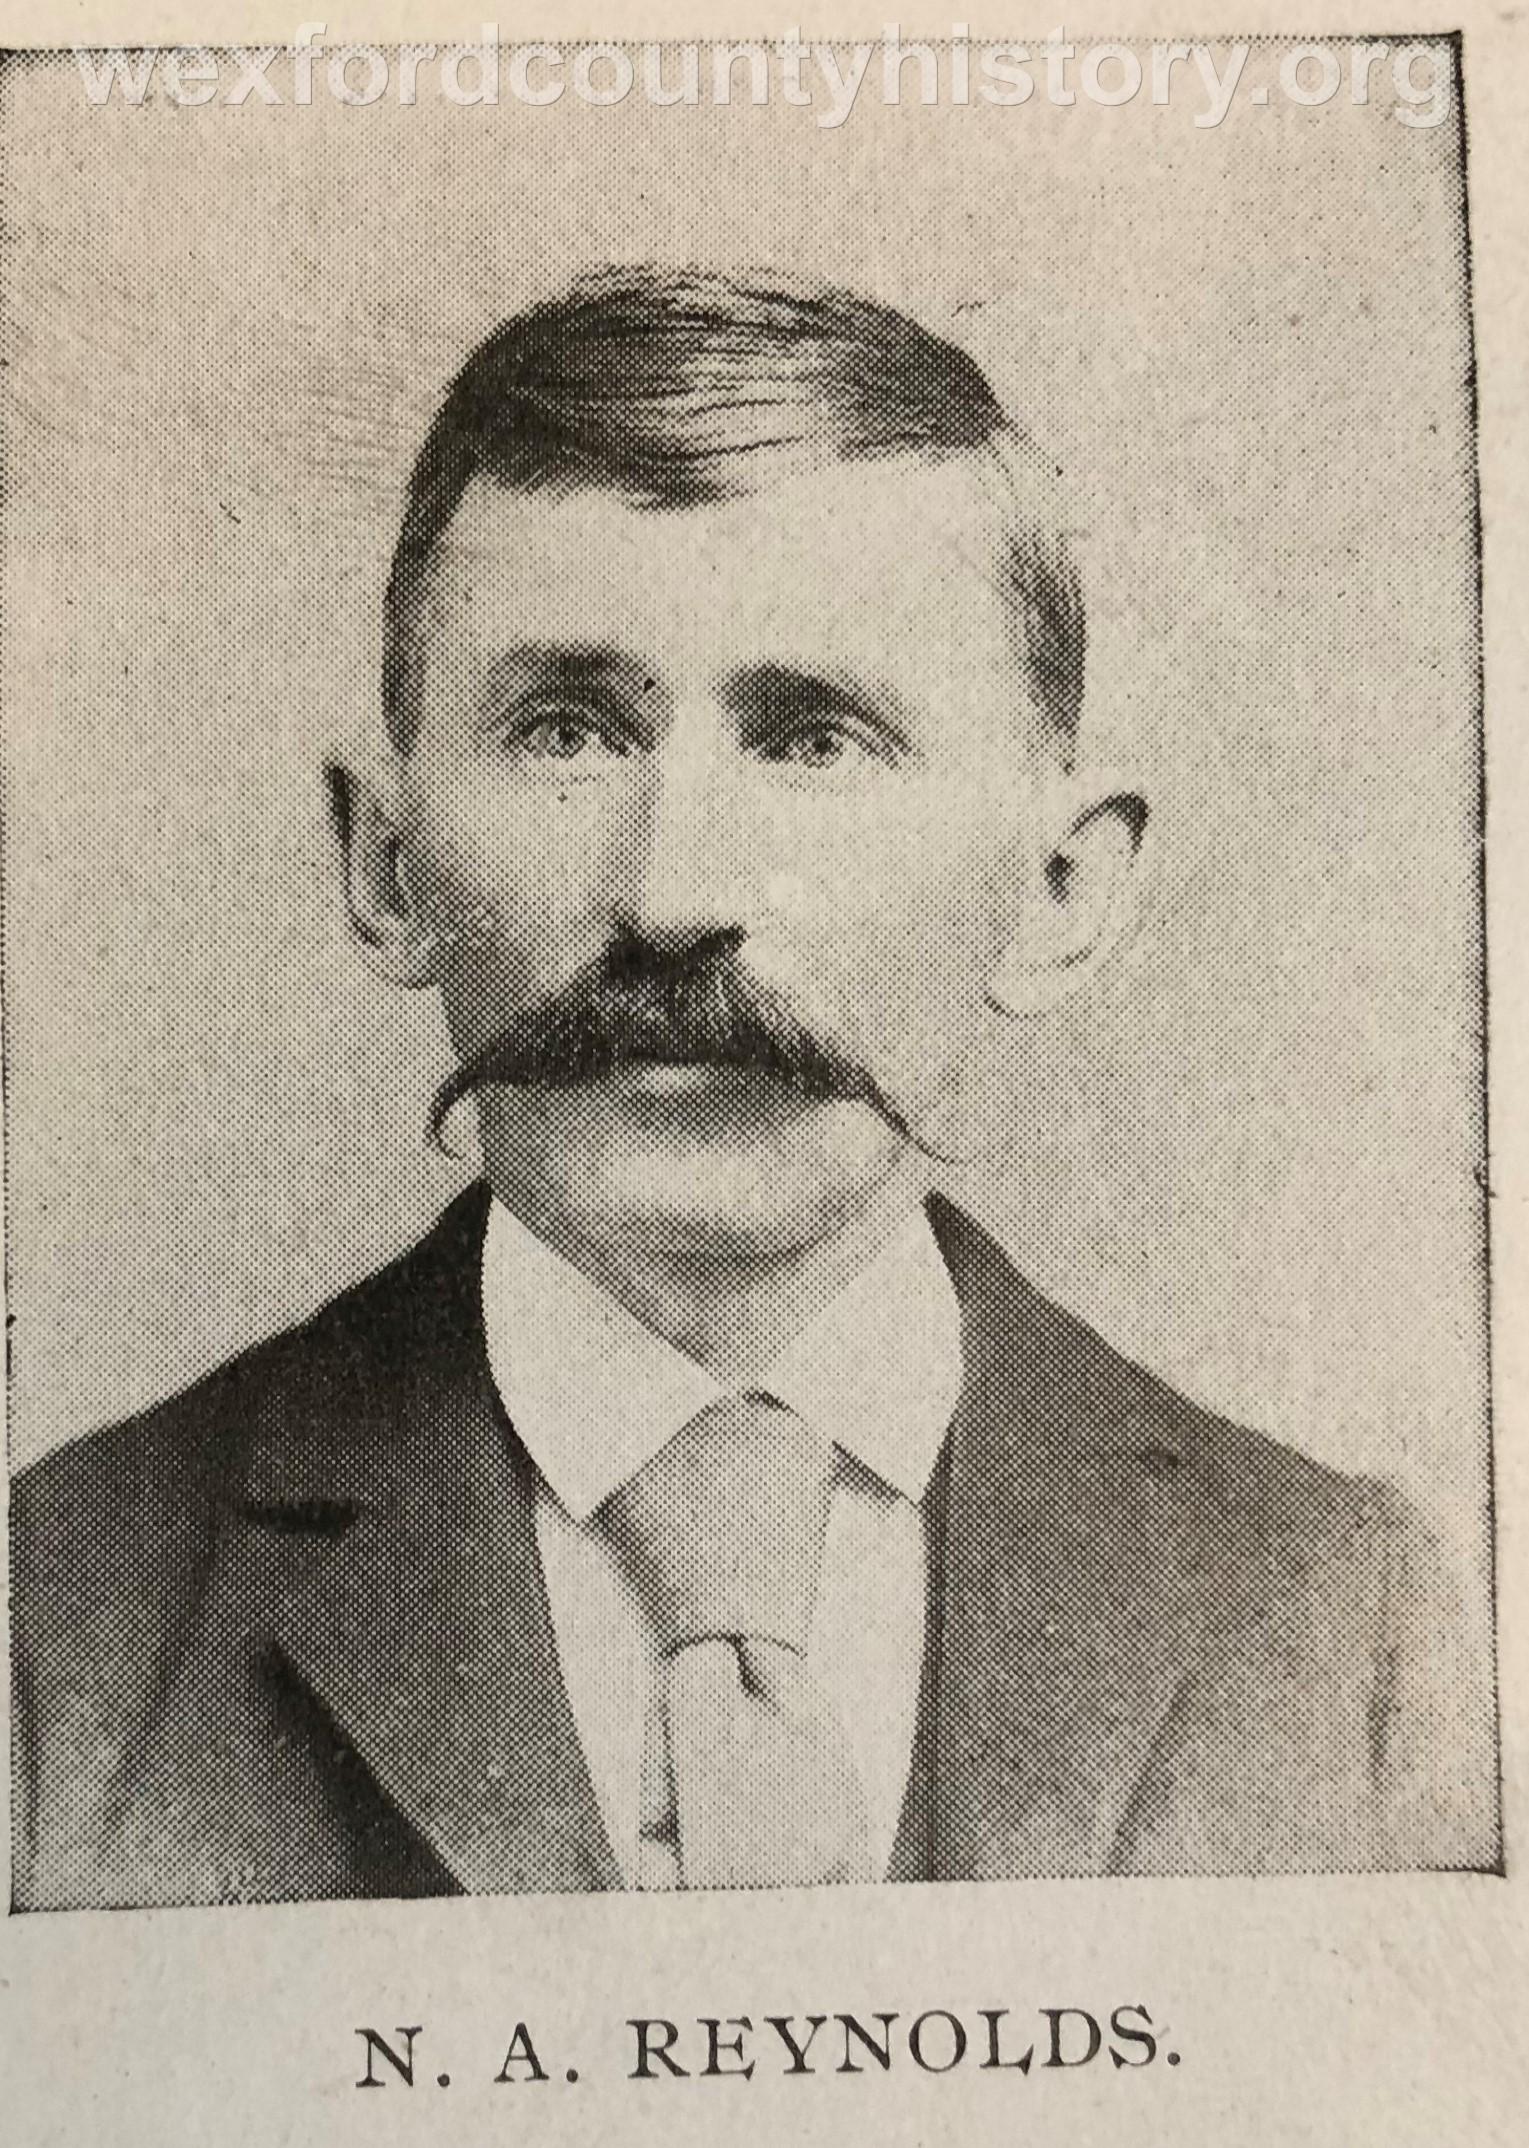 N. A. Reynolds